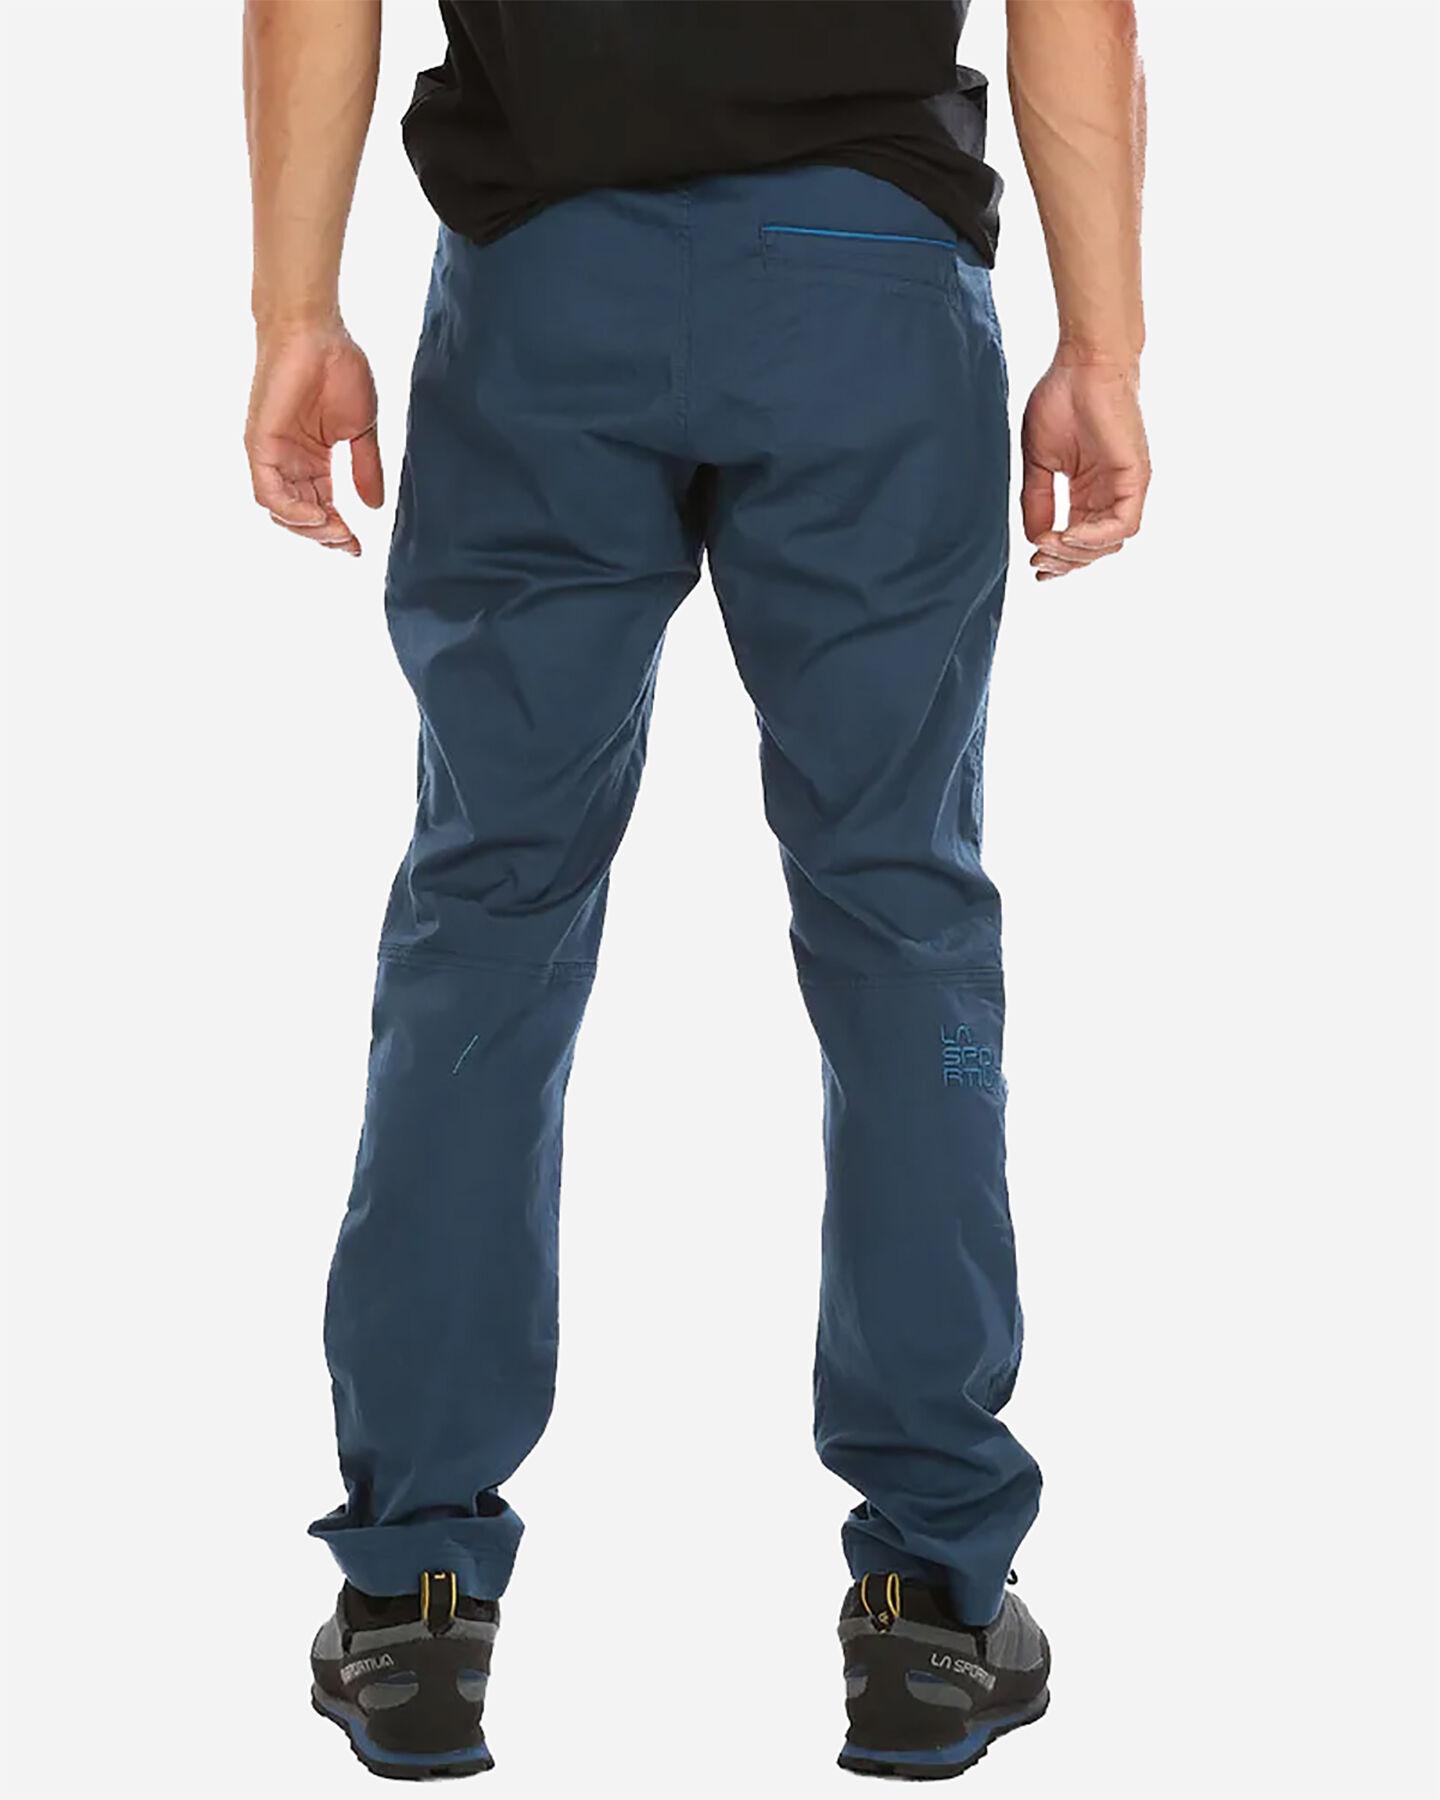 Pantalone outdoor LA SPORTIVA ROOTS M S5198550 scatto 4